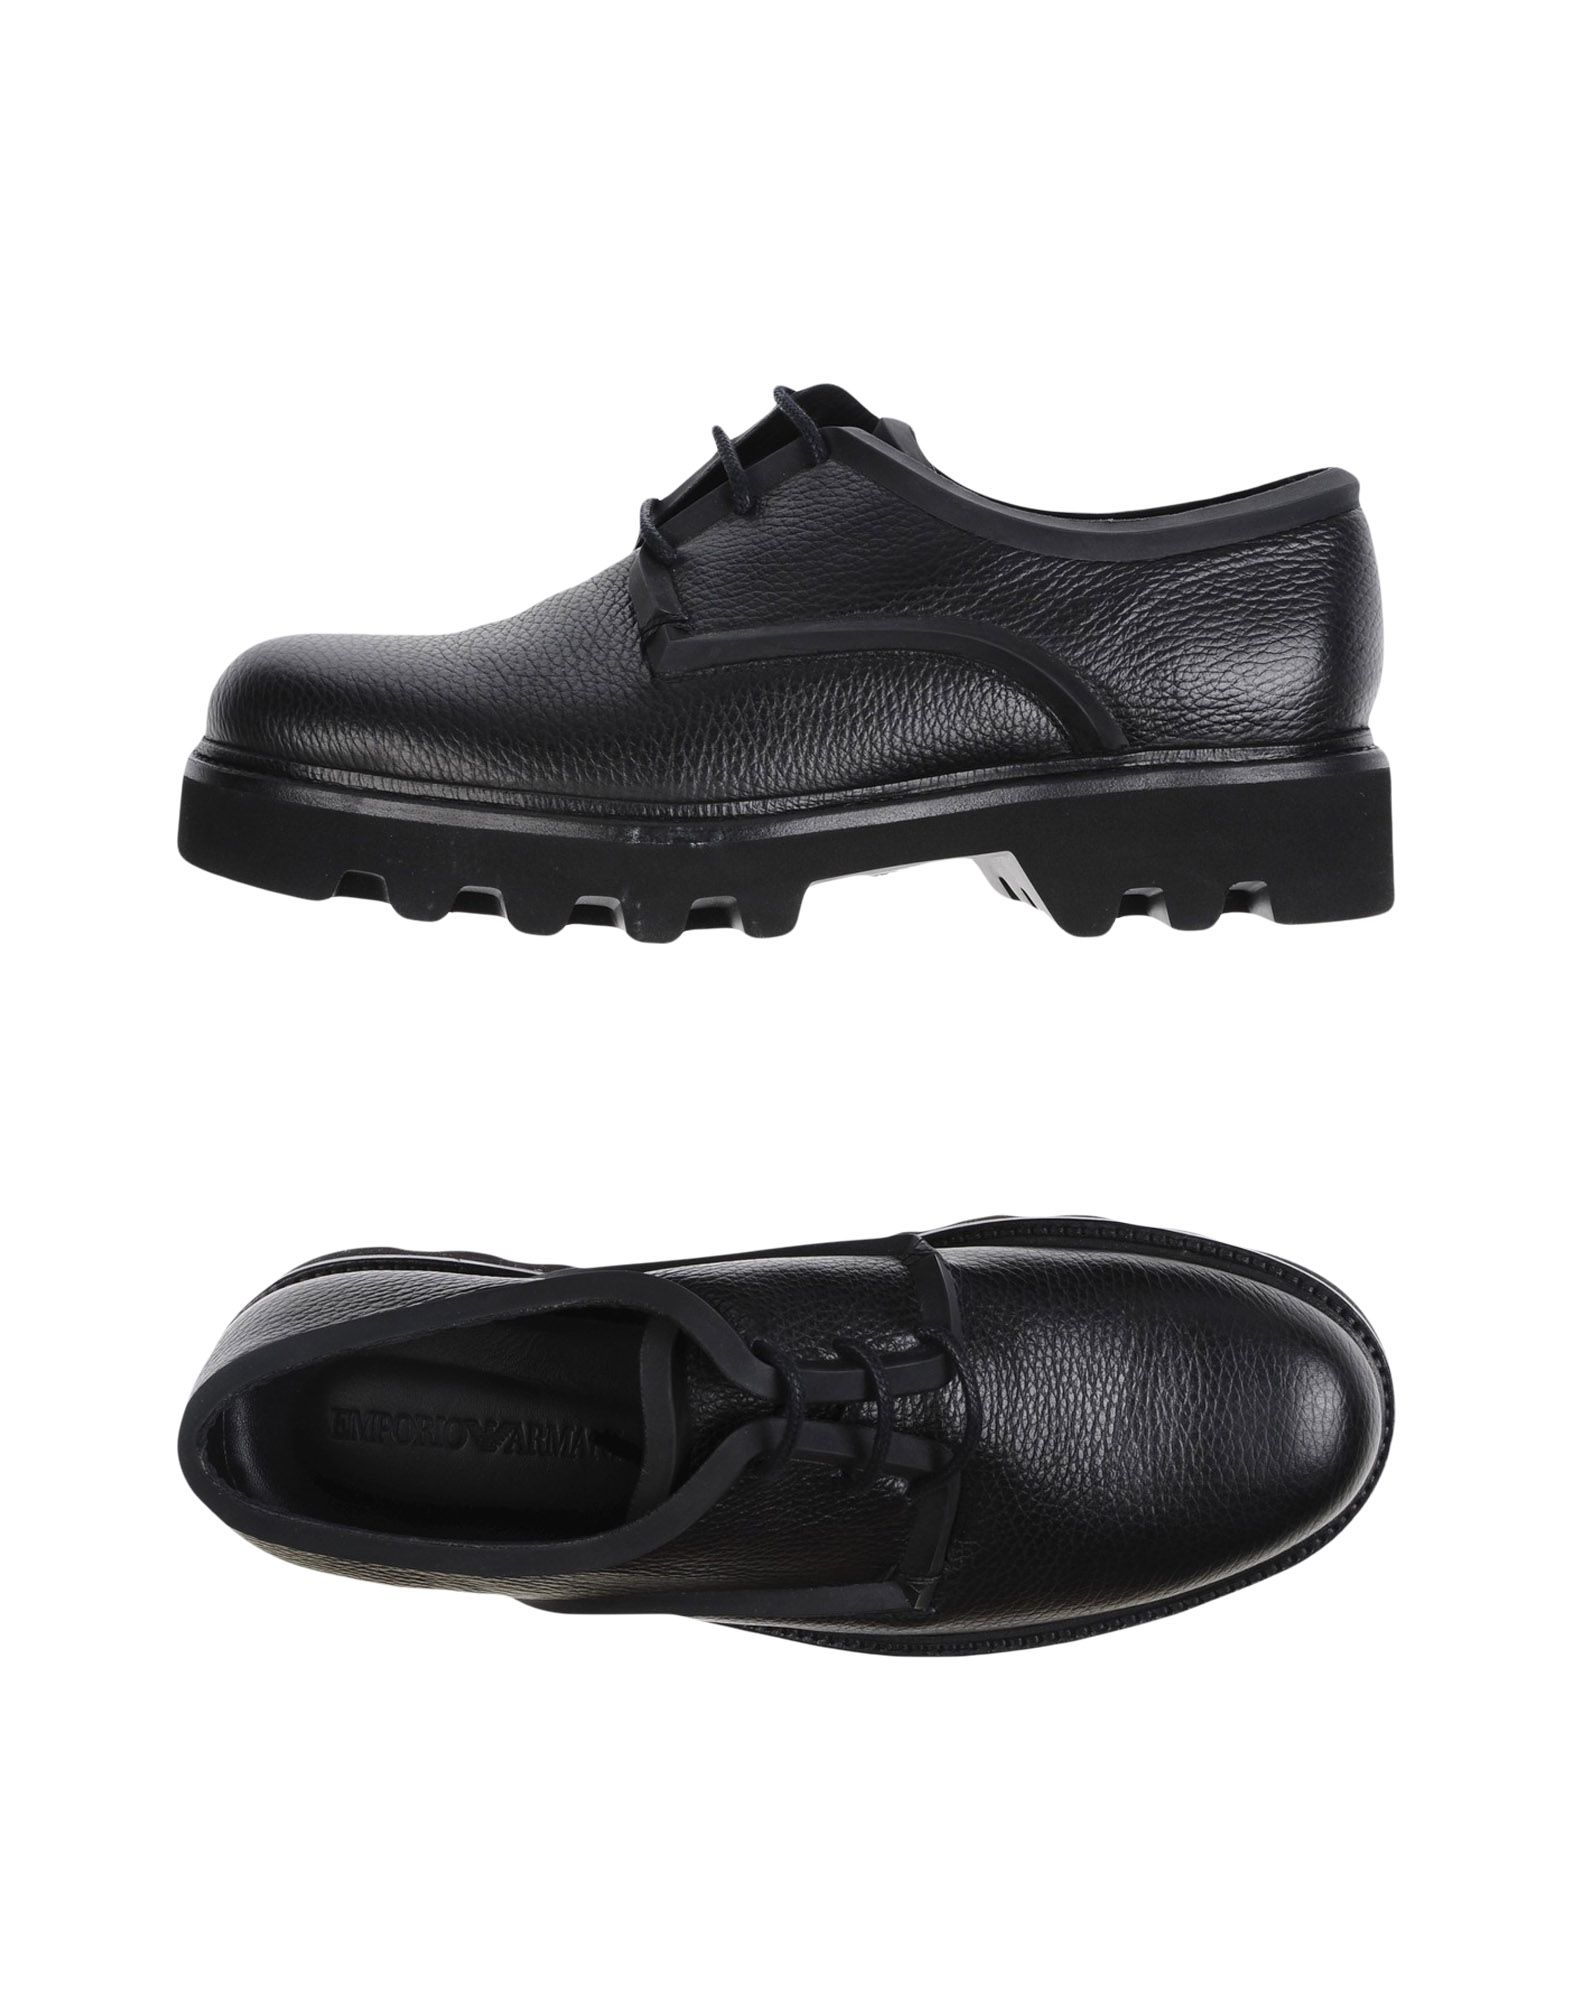 Emporio Armani Schnürschuhe Herren  11284145HQ Gute Qualität beliebte Schuhe